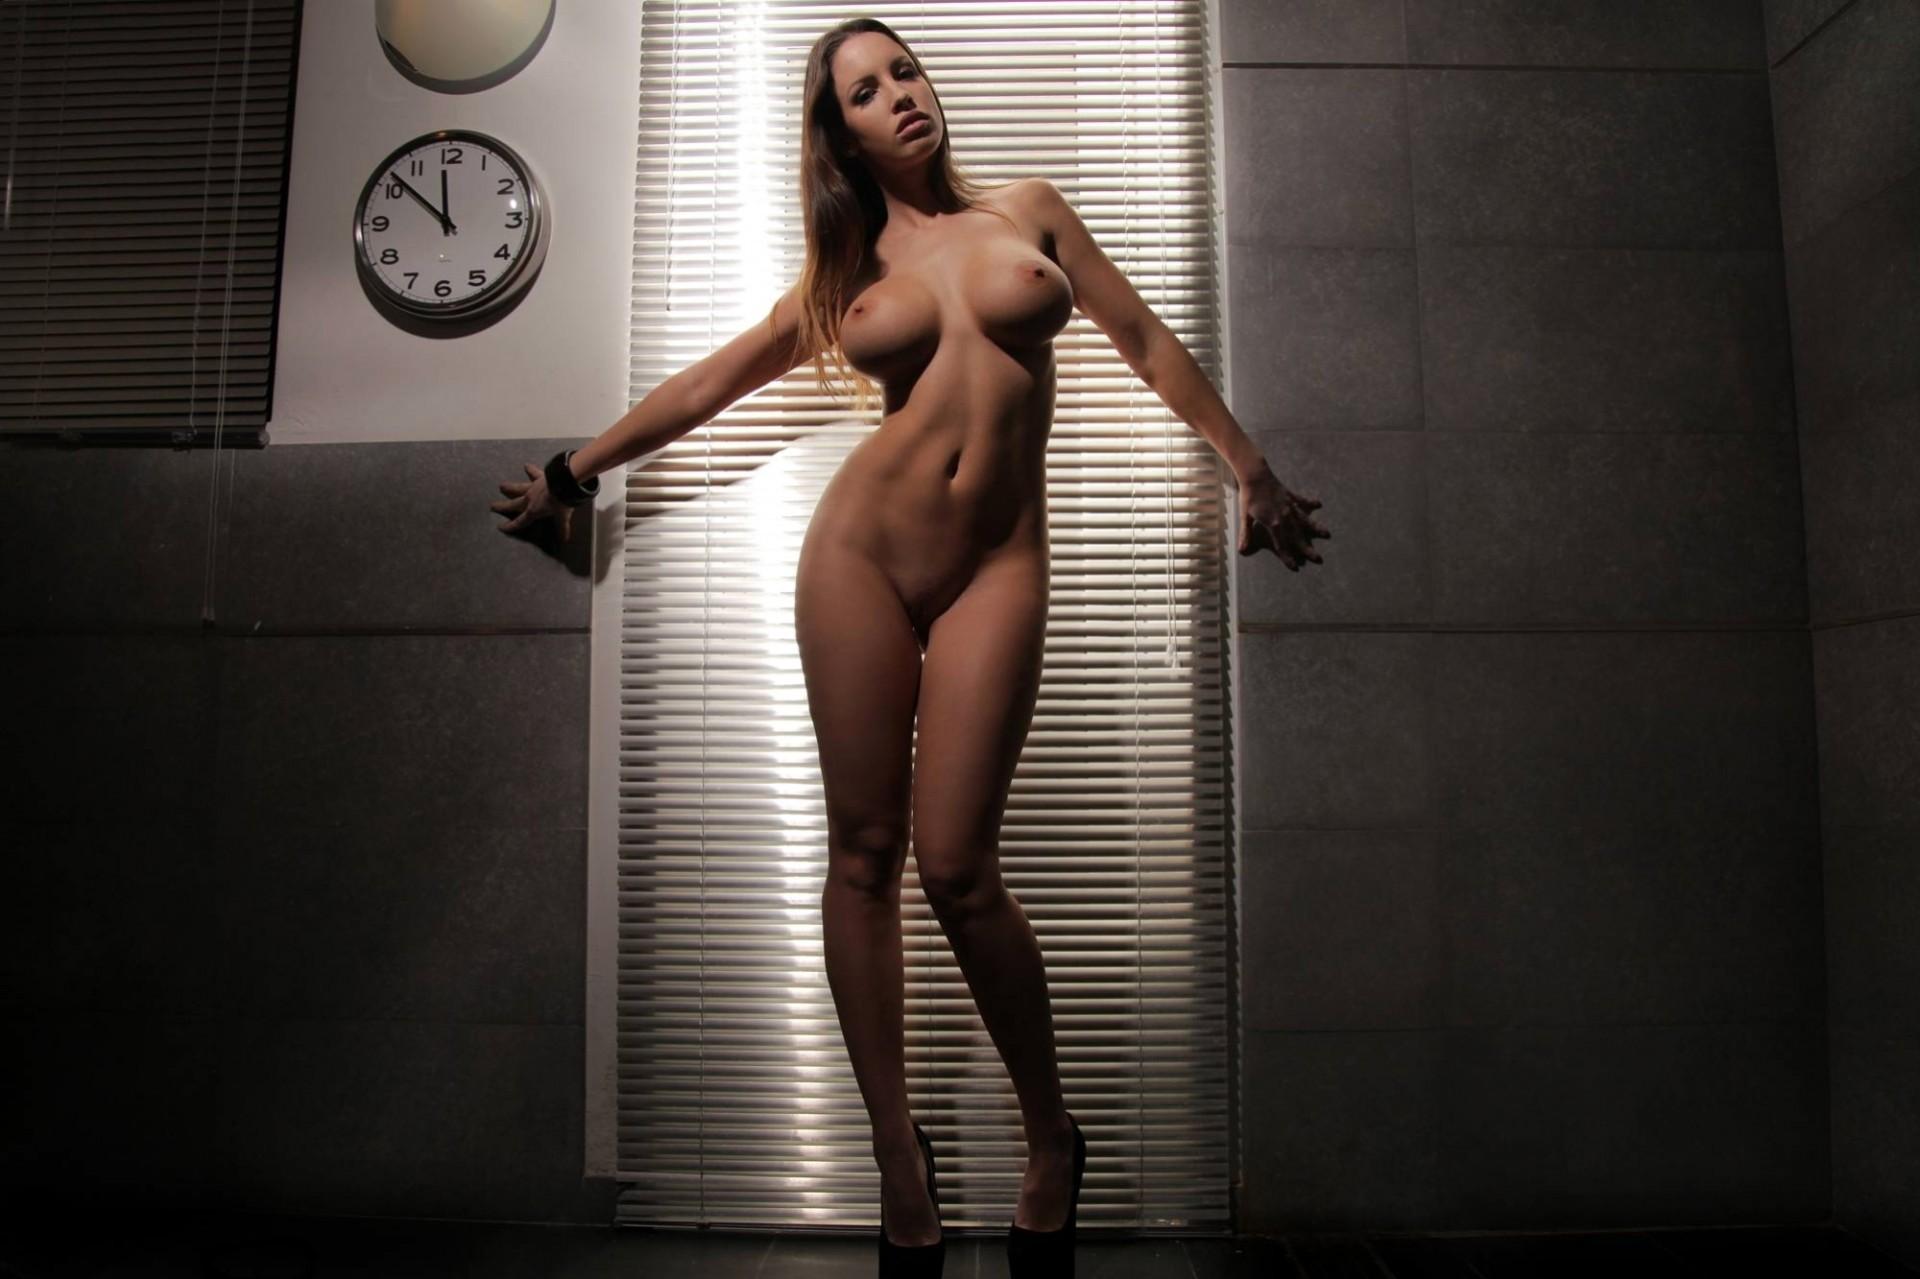 Идеальное тело порно — photo 10